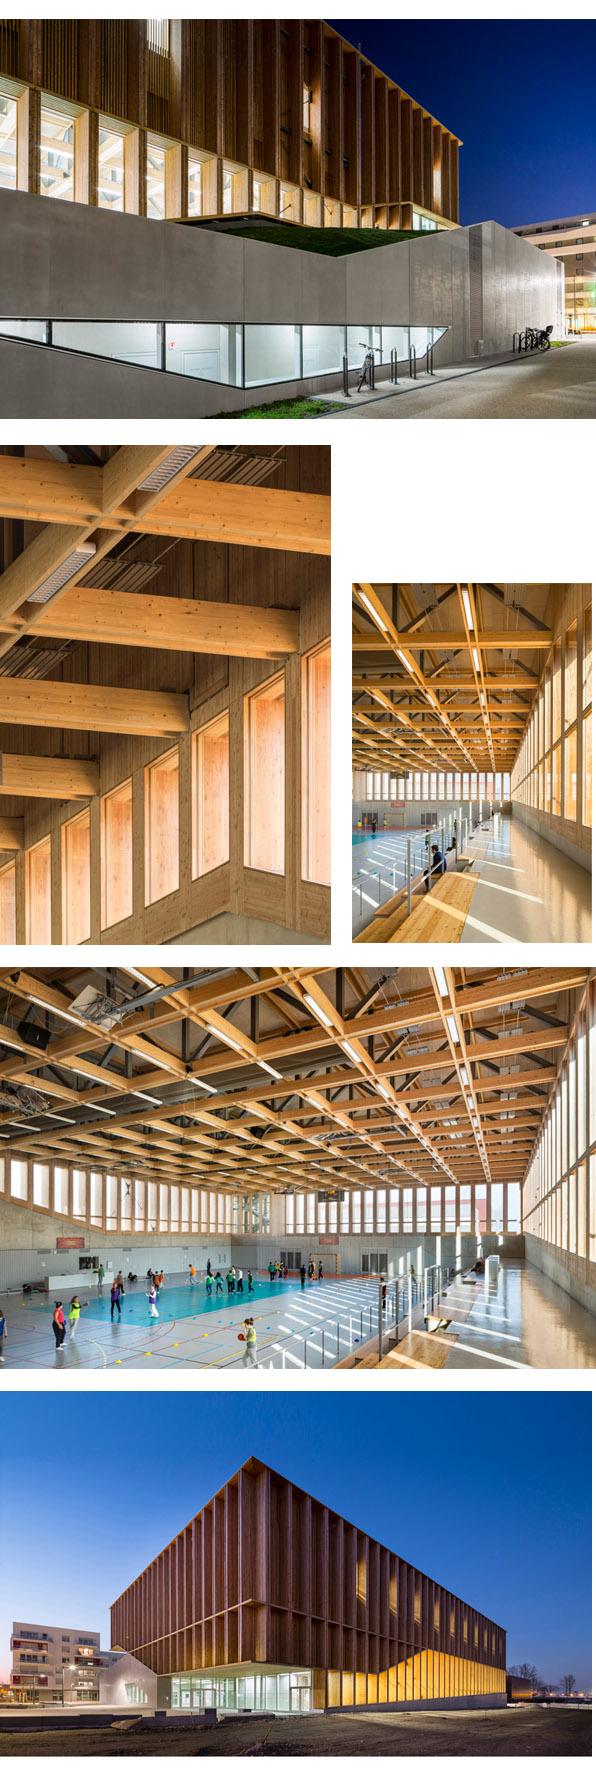 volumen y urbanismo arquitectura architecture modusvivendiarquitectura zundel cristea gimnasio estrasburgo